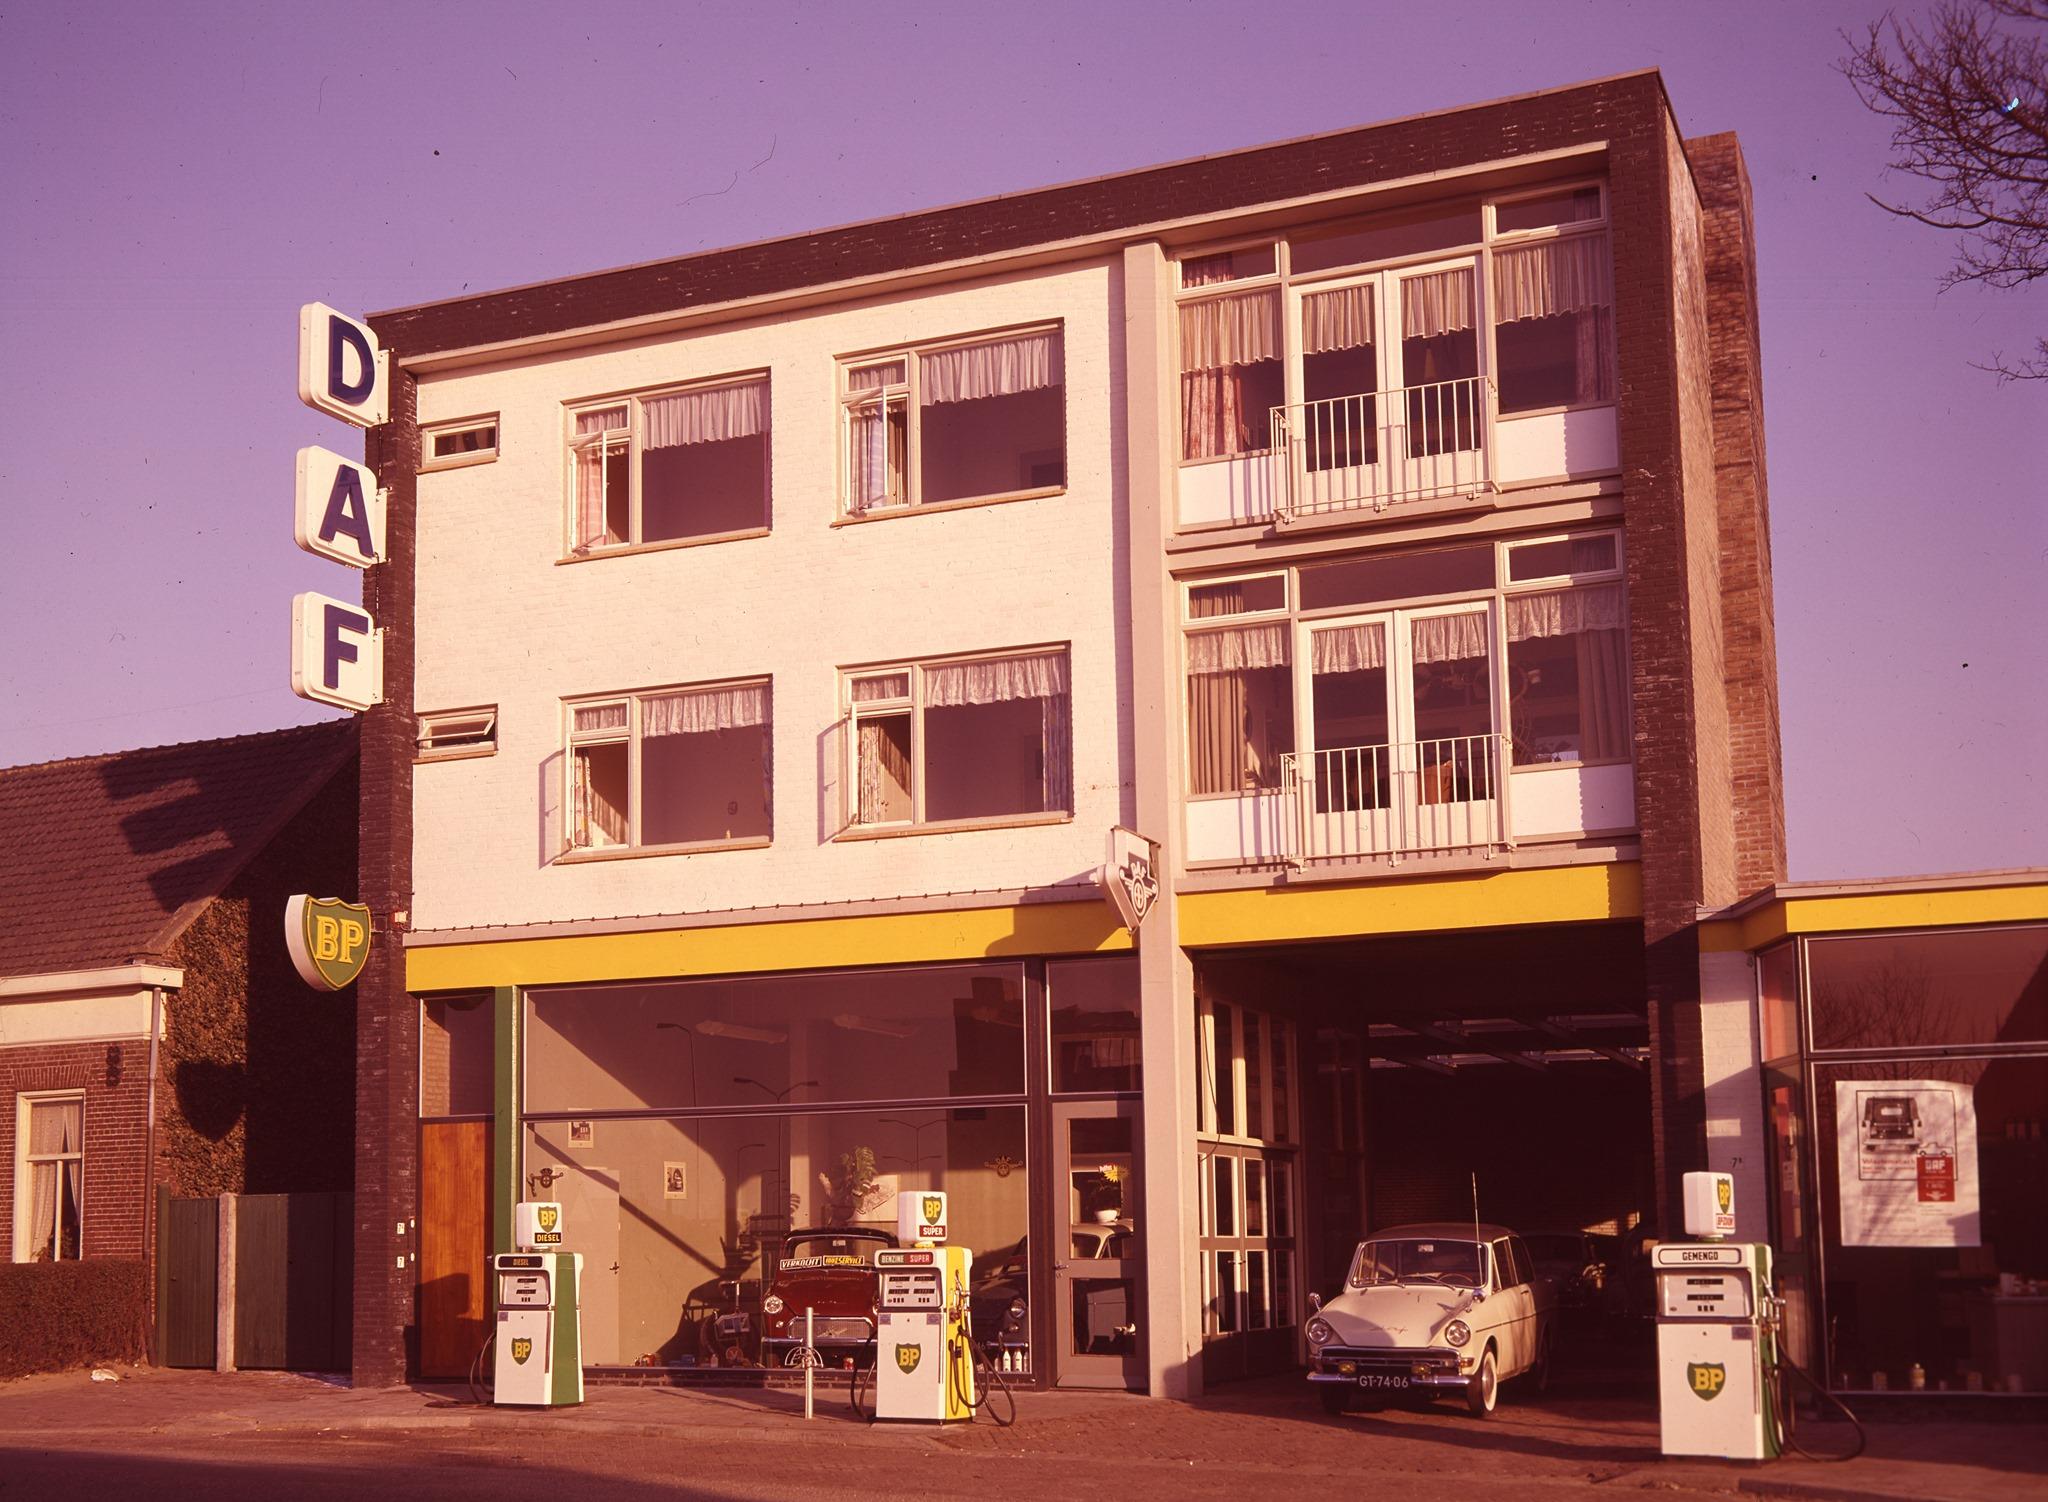 DAF-DEALER-DE-ROOIJ-Eindhoven-Inderdaad-familie-van-Jan--DAF-dealer-in-de-Frankrijkstraat-3